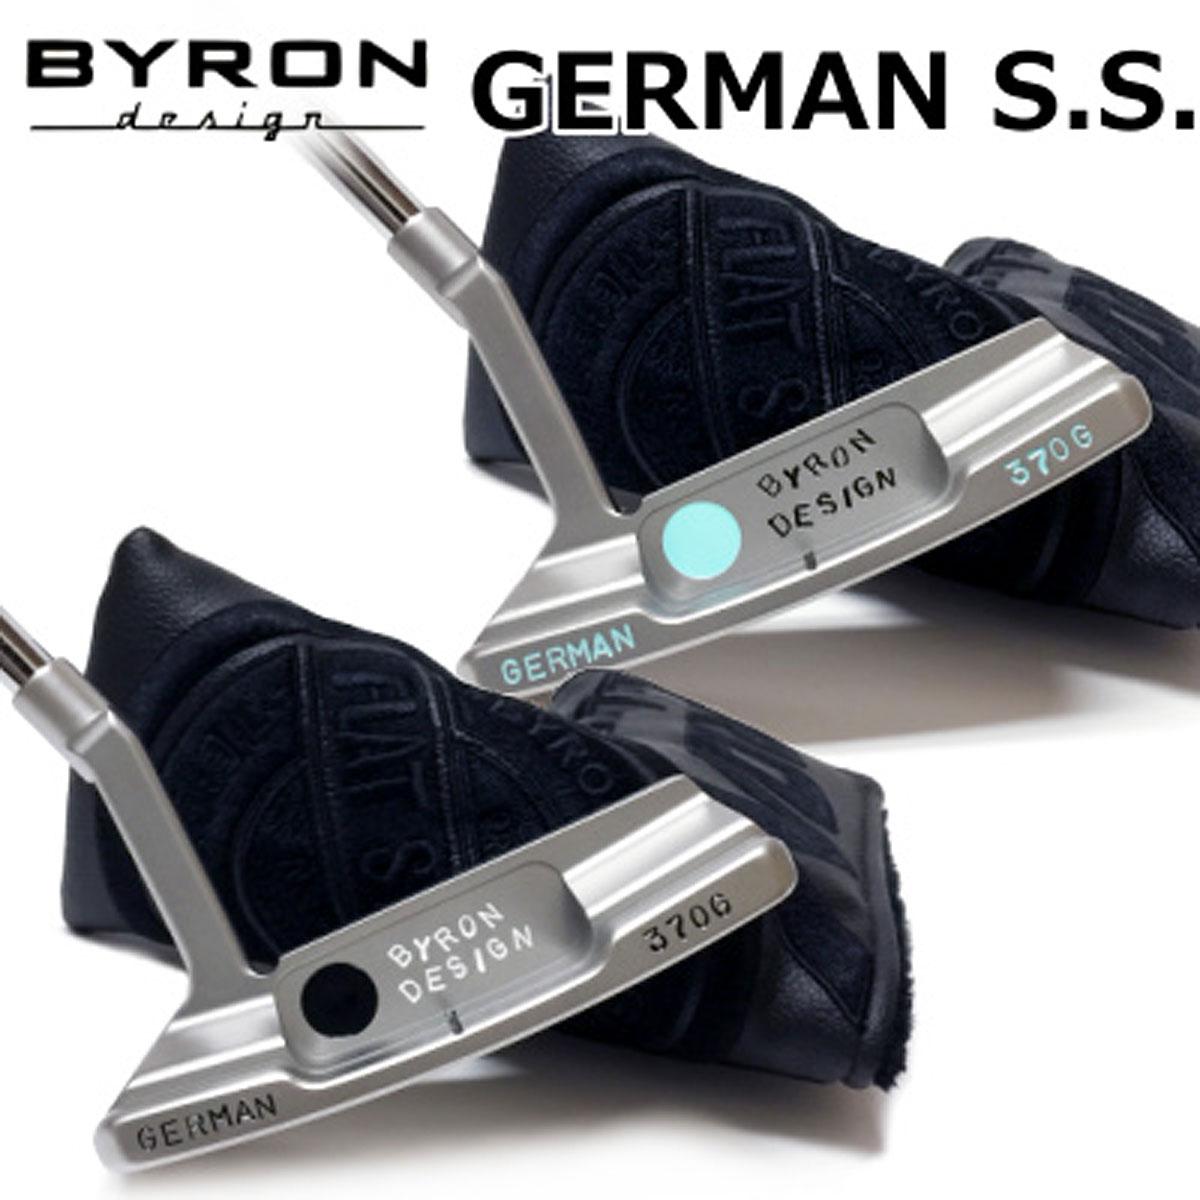 【【最大3300円OFFクーポン】】BYRON design(バイロンデザイン) インスパイヤード バイ ヒデキGSSパター第2弾 GERMAN S.S. 370G